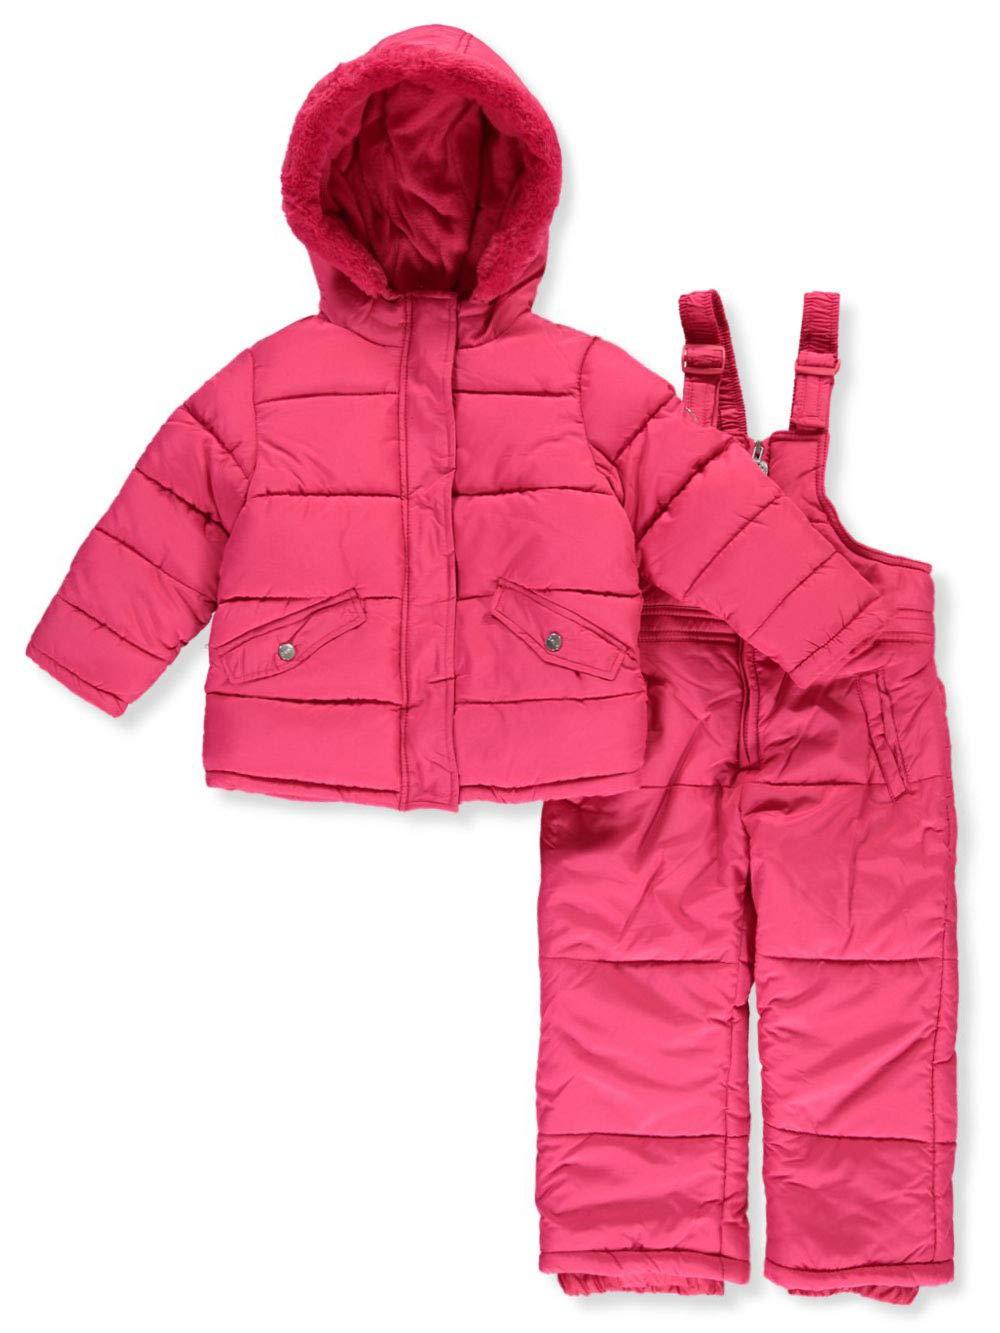 DKNY Girls' Inner Fleece 2-Piece Snowsuit - Fuchsia, 4t by DKNY